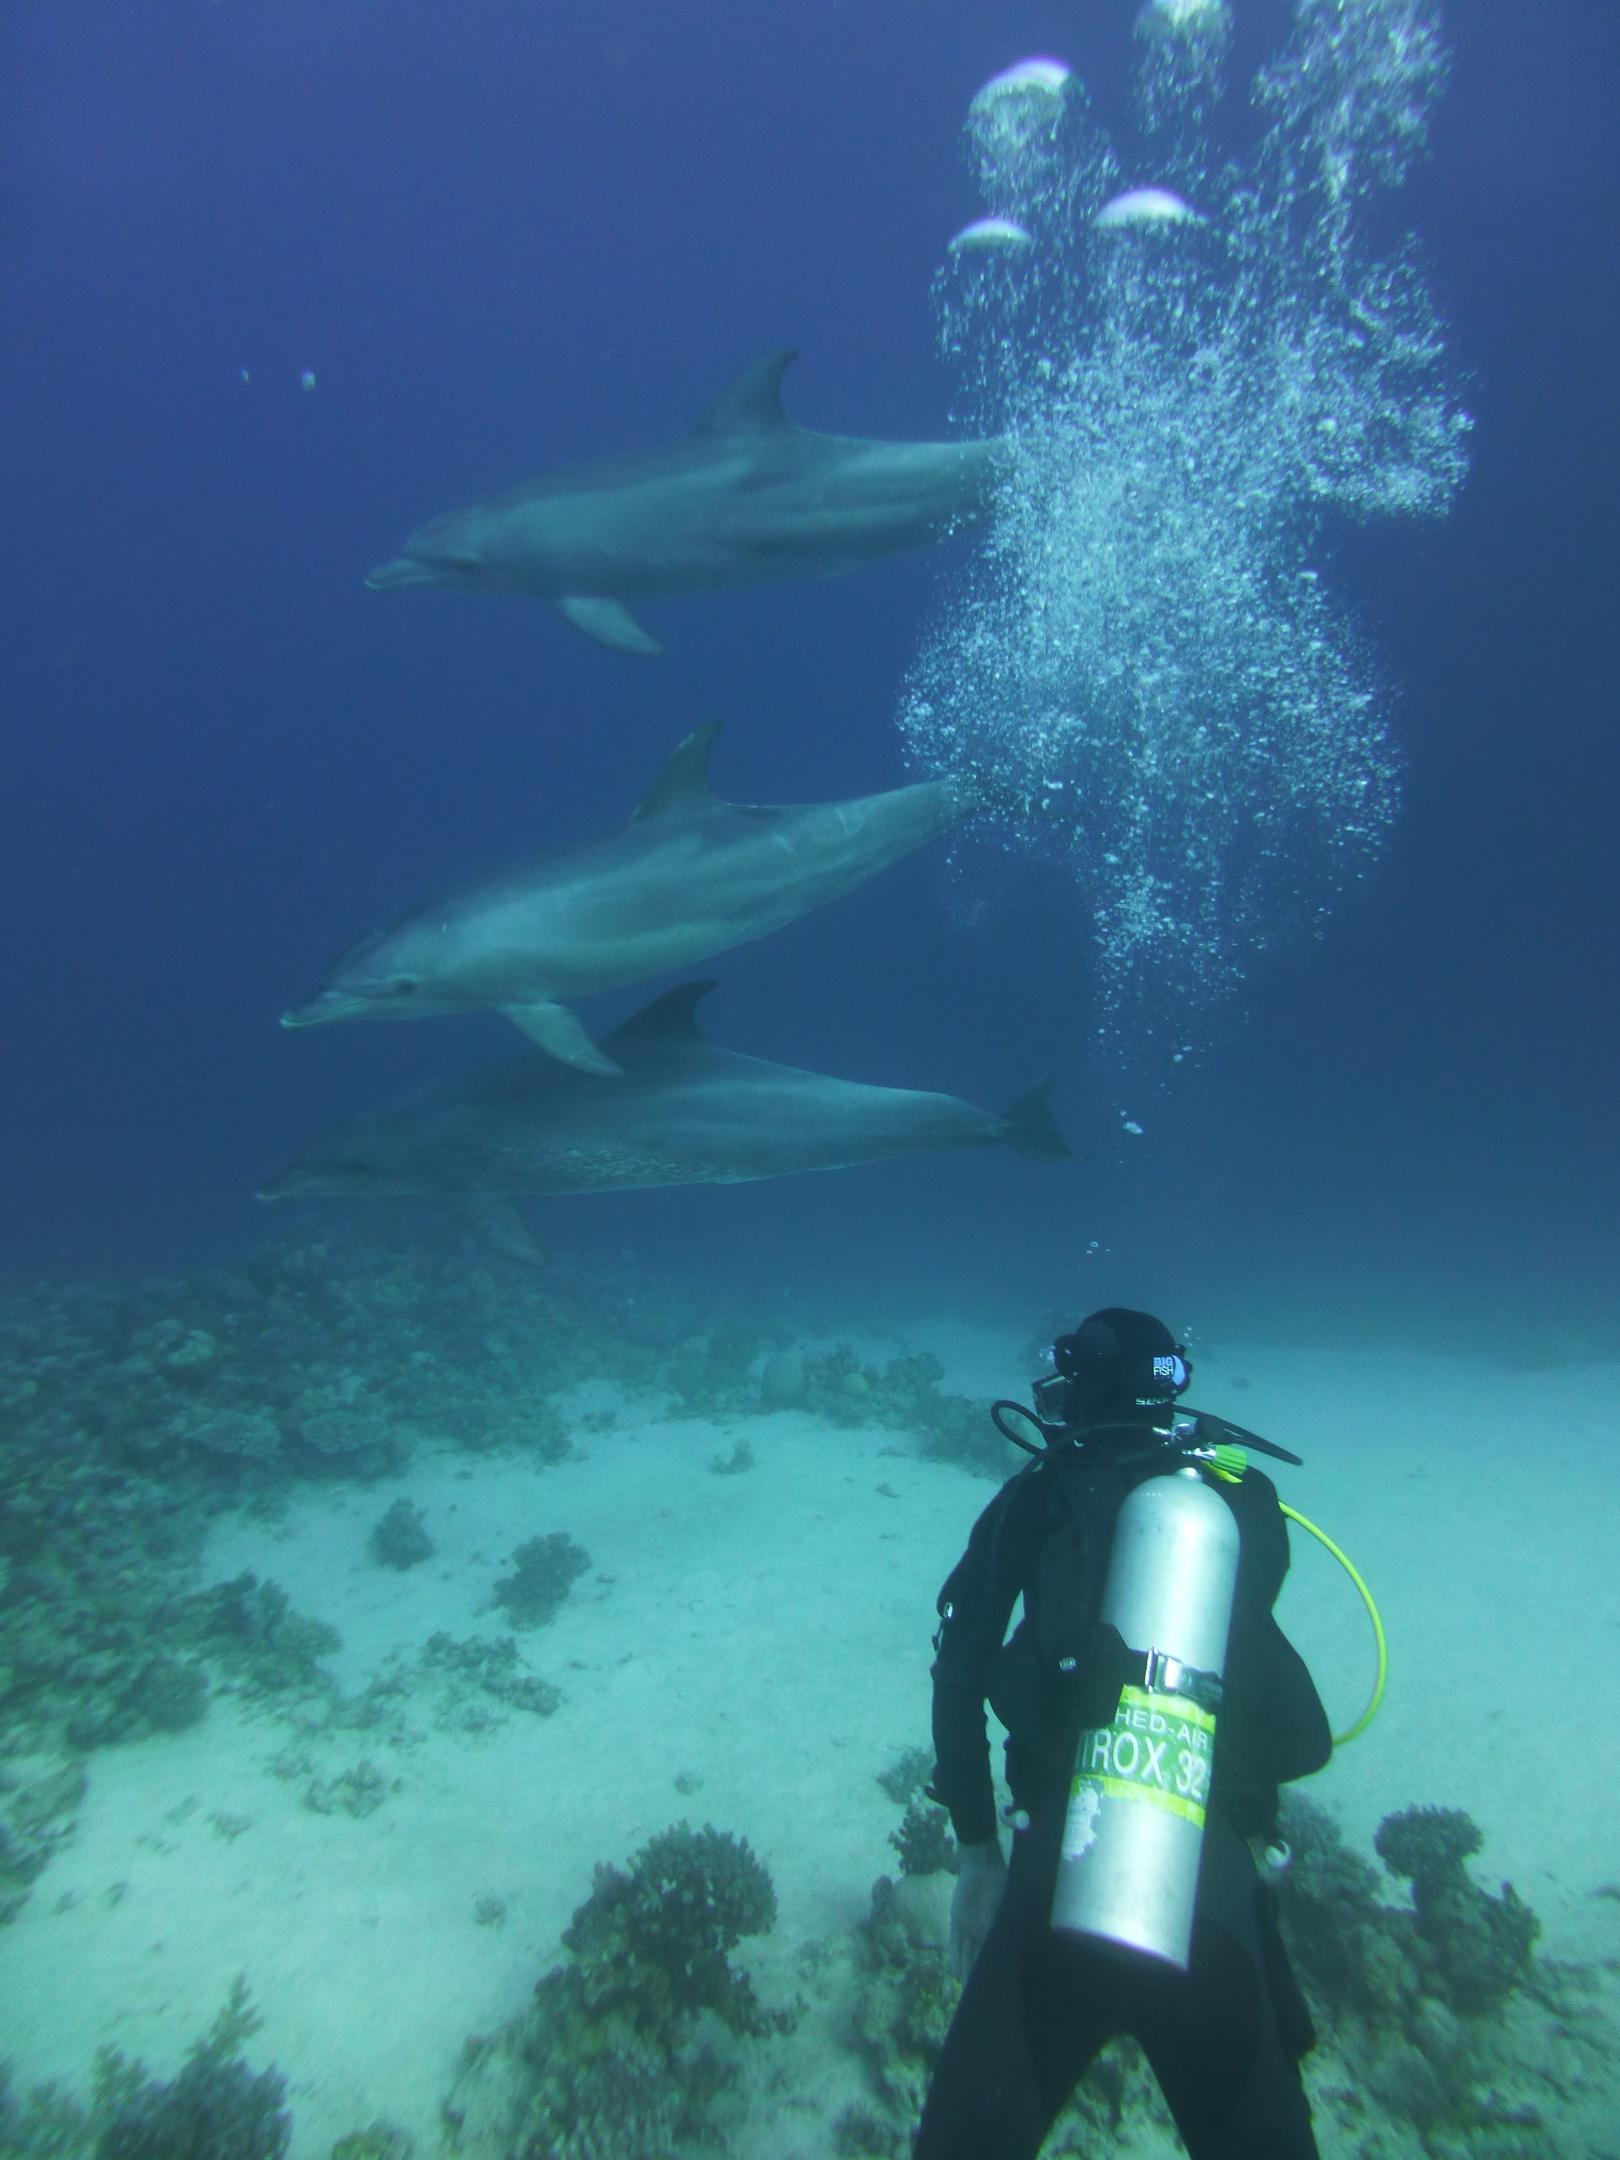 Dogterom-Dolfijnen-foto2-93684